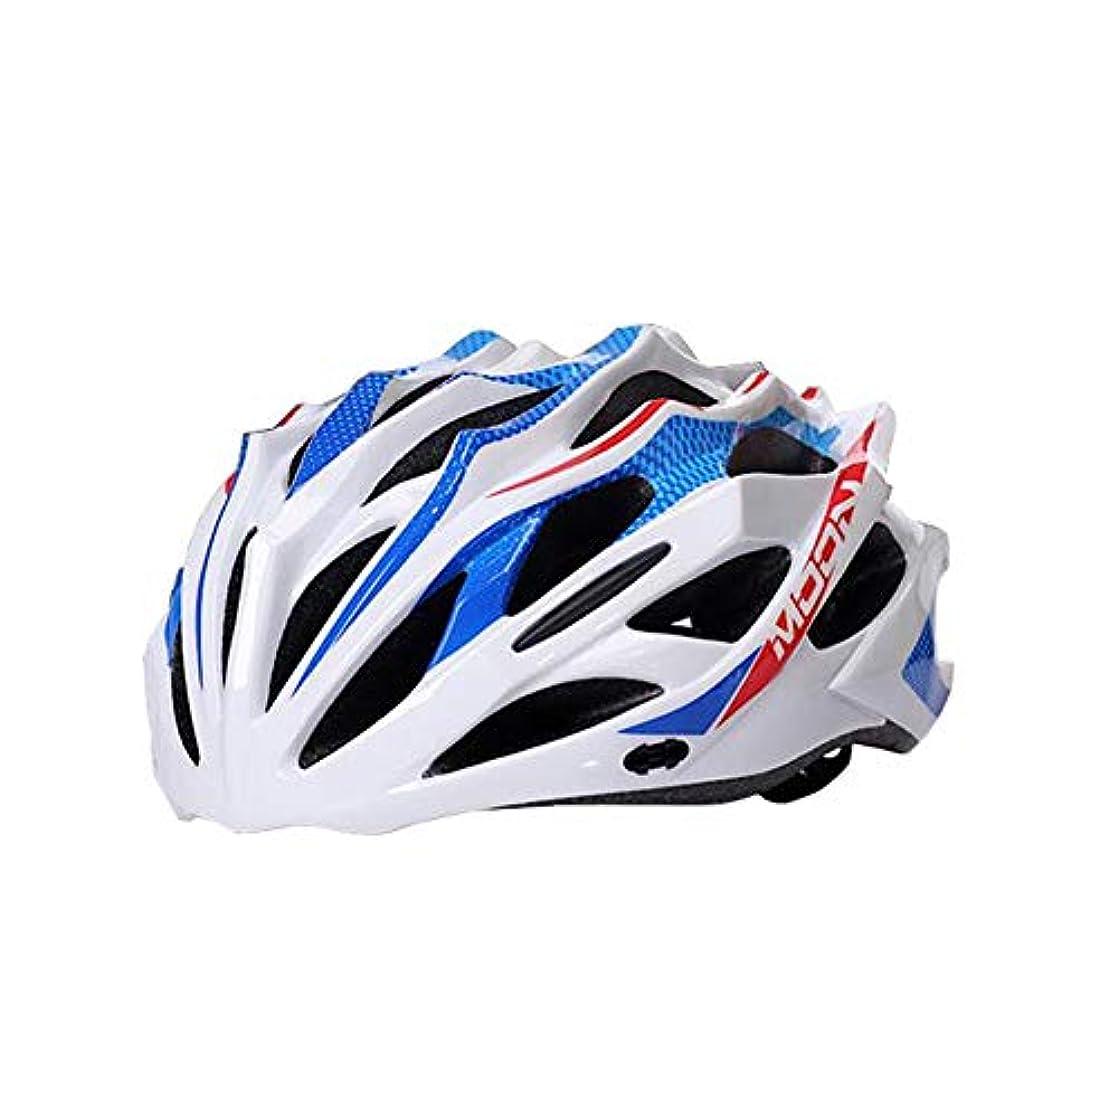 奨学金束蜜サイクリングヘルメット 超軽量 自転車ヘルメット 通気性 バイク用